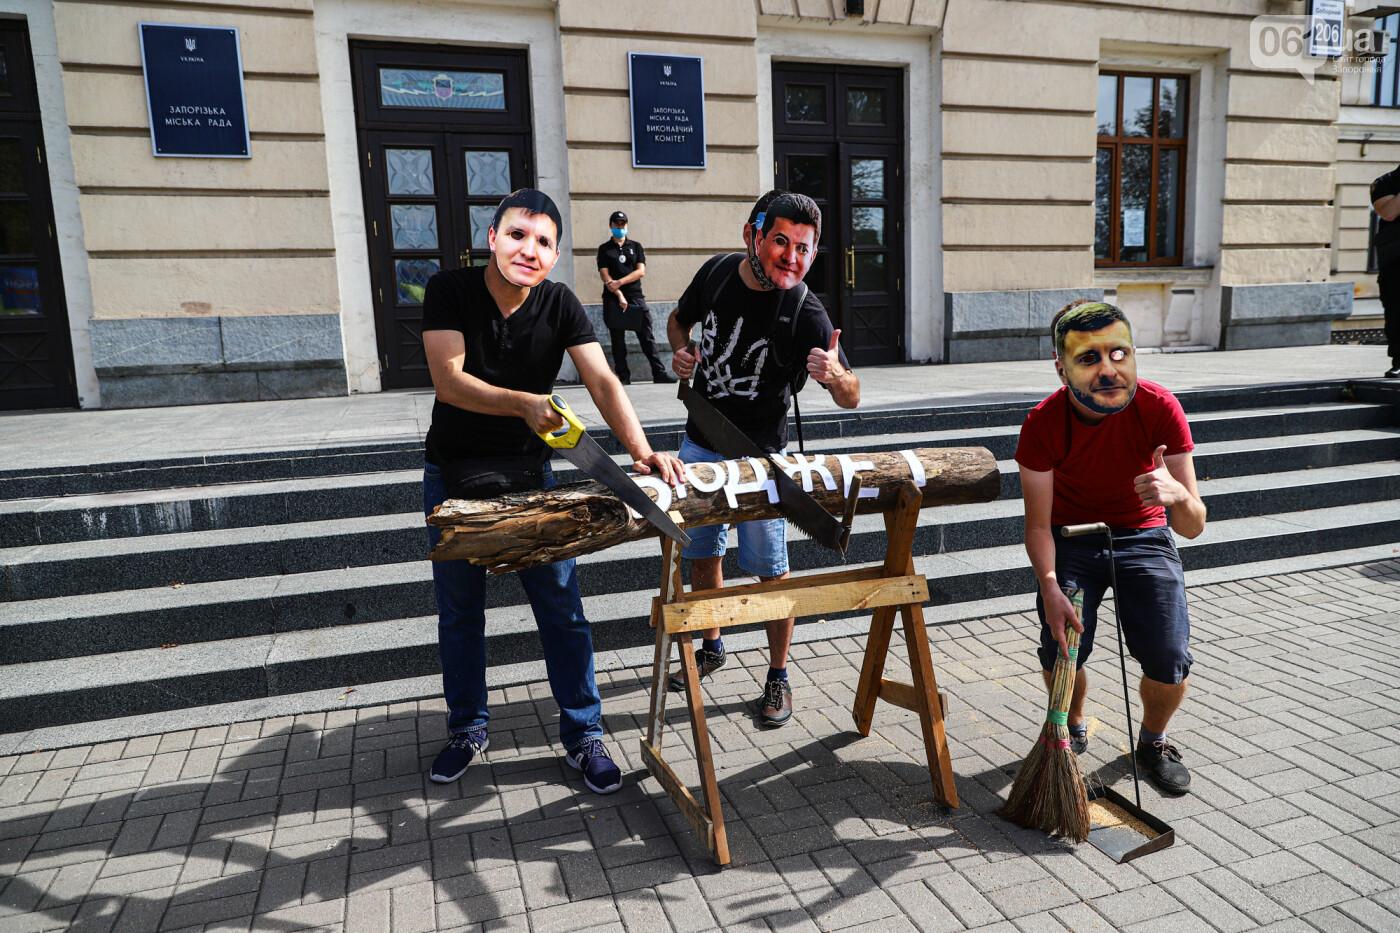 С пилами и в масках: в Запорожье возле мэрии активисты показали, как распиливают городской бюджет, - ФОТОРЕПОРТАЖ, фото-14